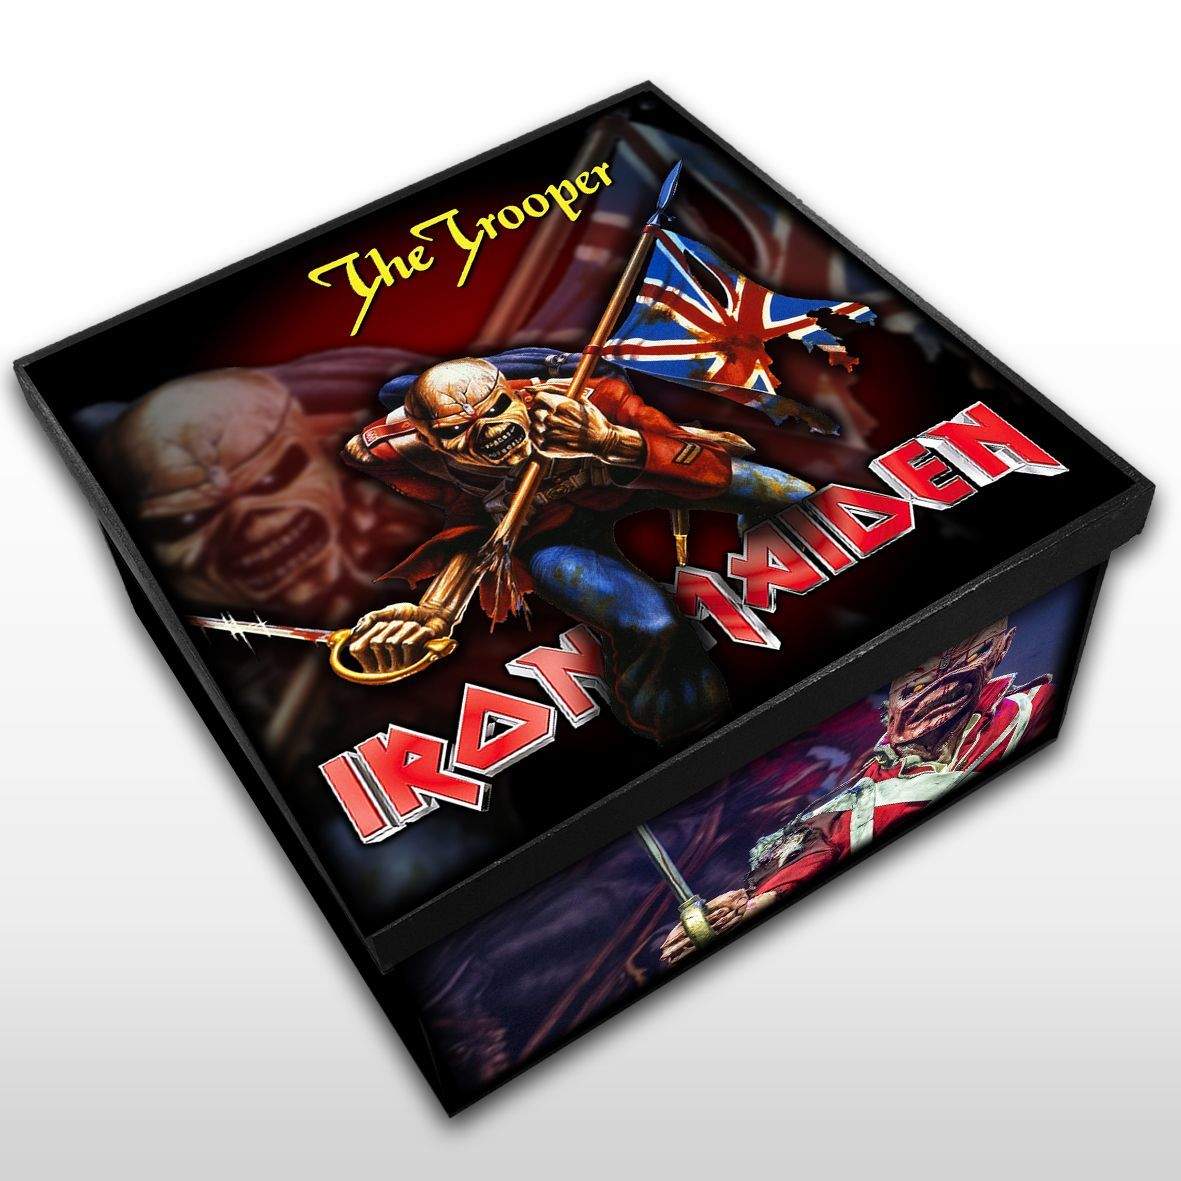 Iron Maiden - The Tropper - Caixa em Madeira MDF - Tamanho Médio - Mr. Rock